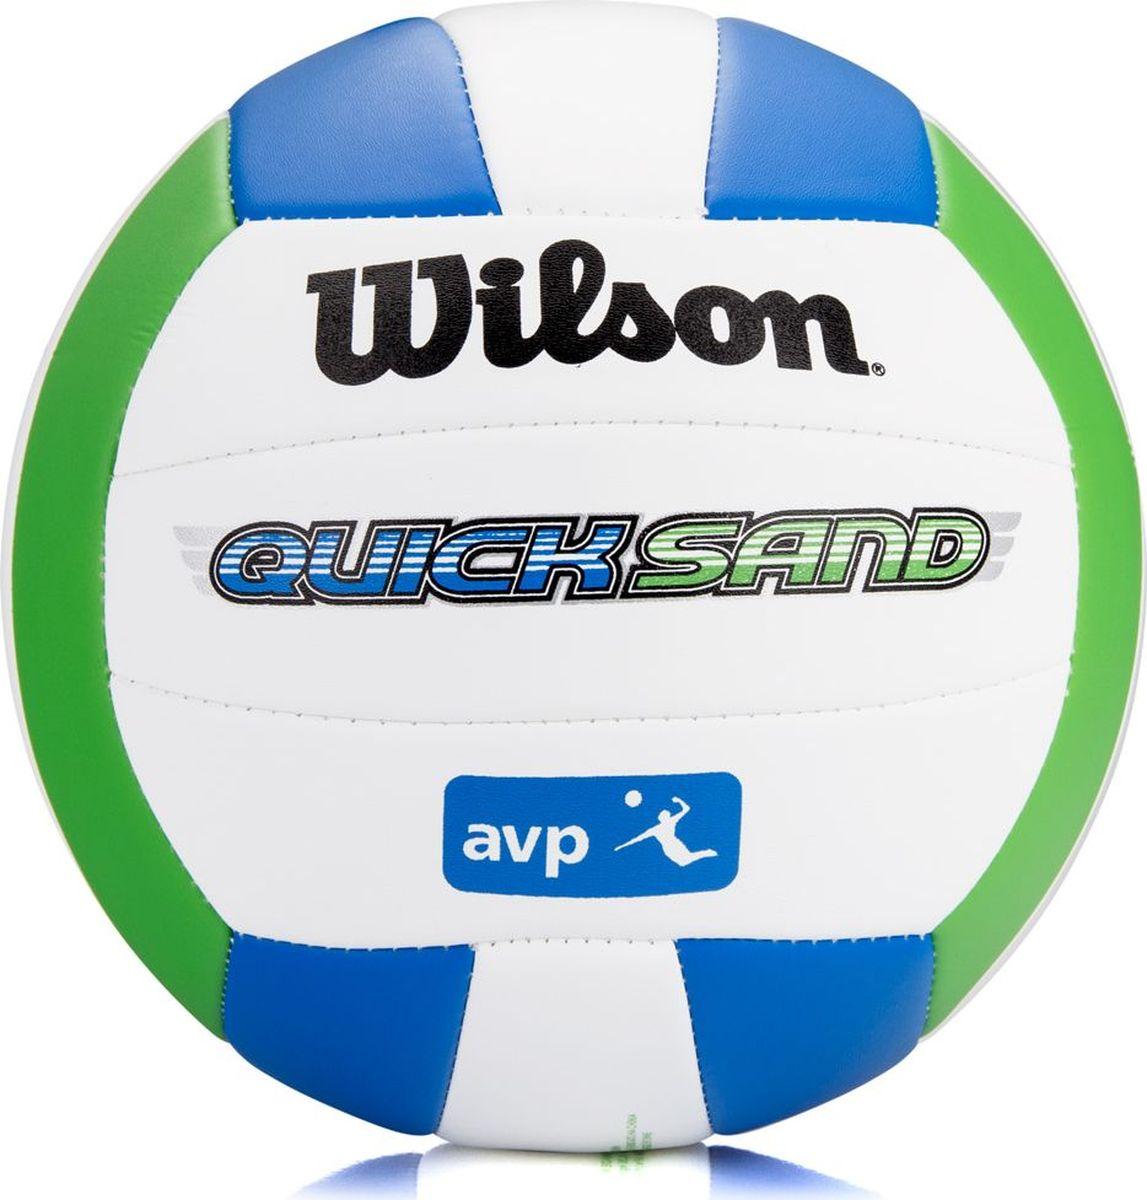 Мяч волейбольный Wilson Avp Hawaii, цвет: белый, голубой, зеленый, диаметр 20 смWTH4892XBВолейбольный мяч Wilson Avp Hawaii предназначен для комфортных тренировок и игр команд любого уровня. Покрышка мяча выполнена из высокотехнологичного композитного материала на основе микрофибры, с применением технологии Soft Touch, которая напоминает натуральную кожу и обеспечивает правильный отскок.Мяч состоит из 18 панелей и бутиловой камеры, также армирован подкладочным слоем, выполненным из ткани.Мяч отлично подойдет для тренировок и соревнований команд высокого уровня.УВАЖАЕМЫЕ КЛИЕНТЫ!Обращаем ваше внимание на тот факт, что мяч поставляется в сдутом виде. Насос в комплект не входит.